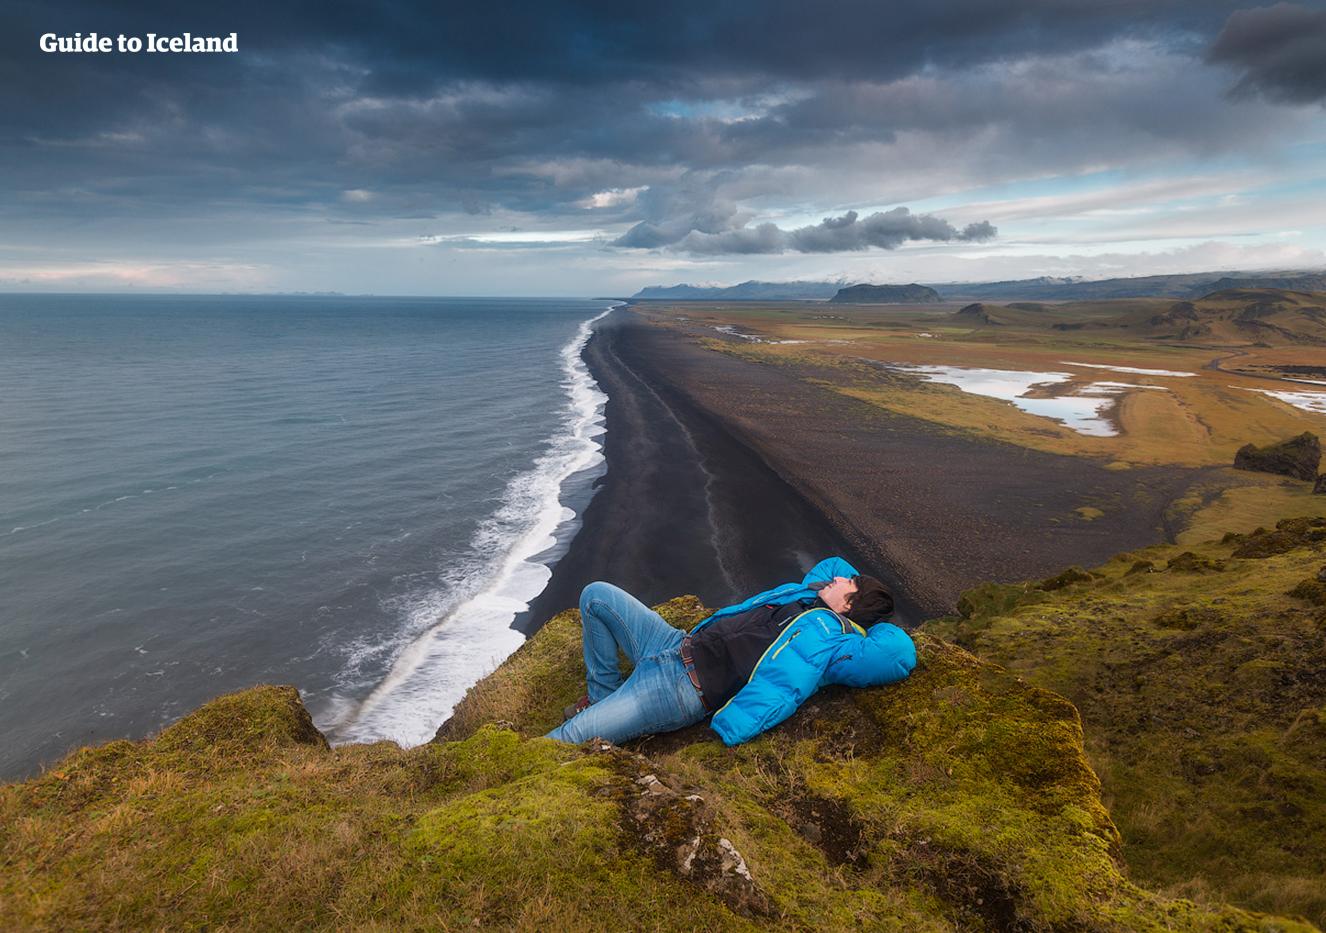 Ved høyvann kan tilsynelatende rolige bølger ved Reynisfjara trekke helt opp på stranden og utgjøre en fare for besøkende.